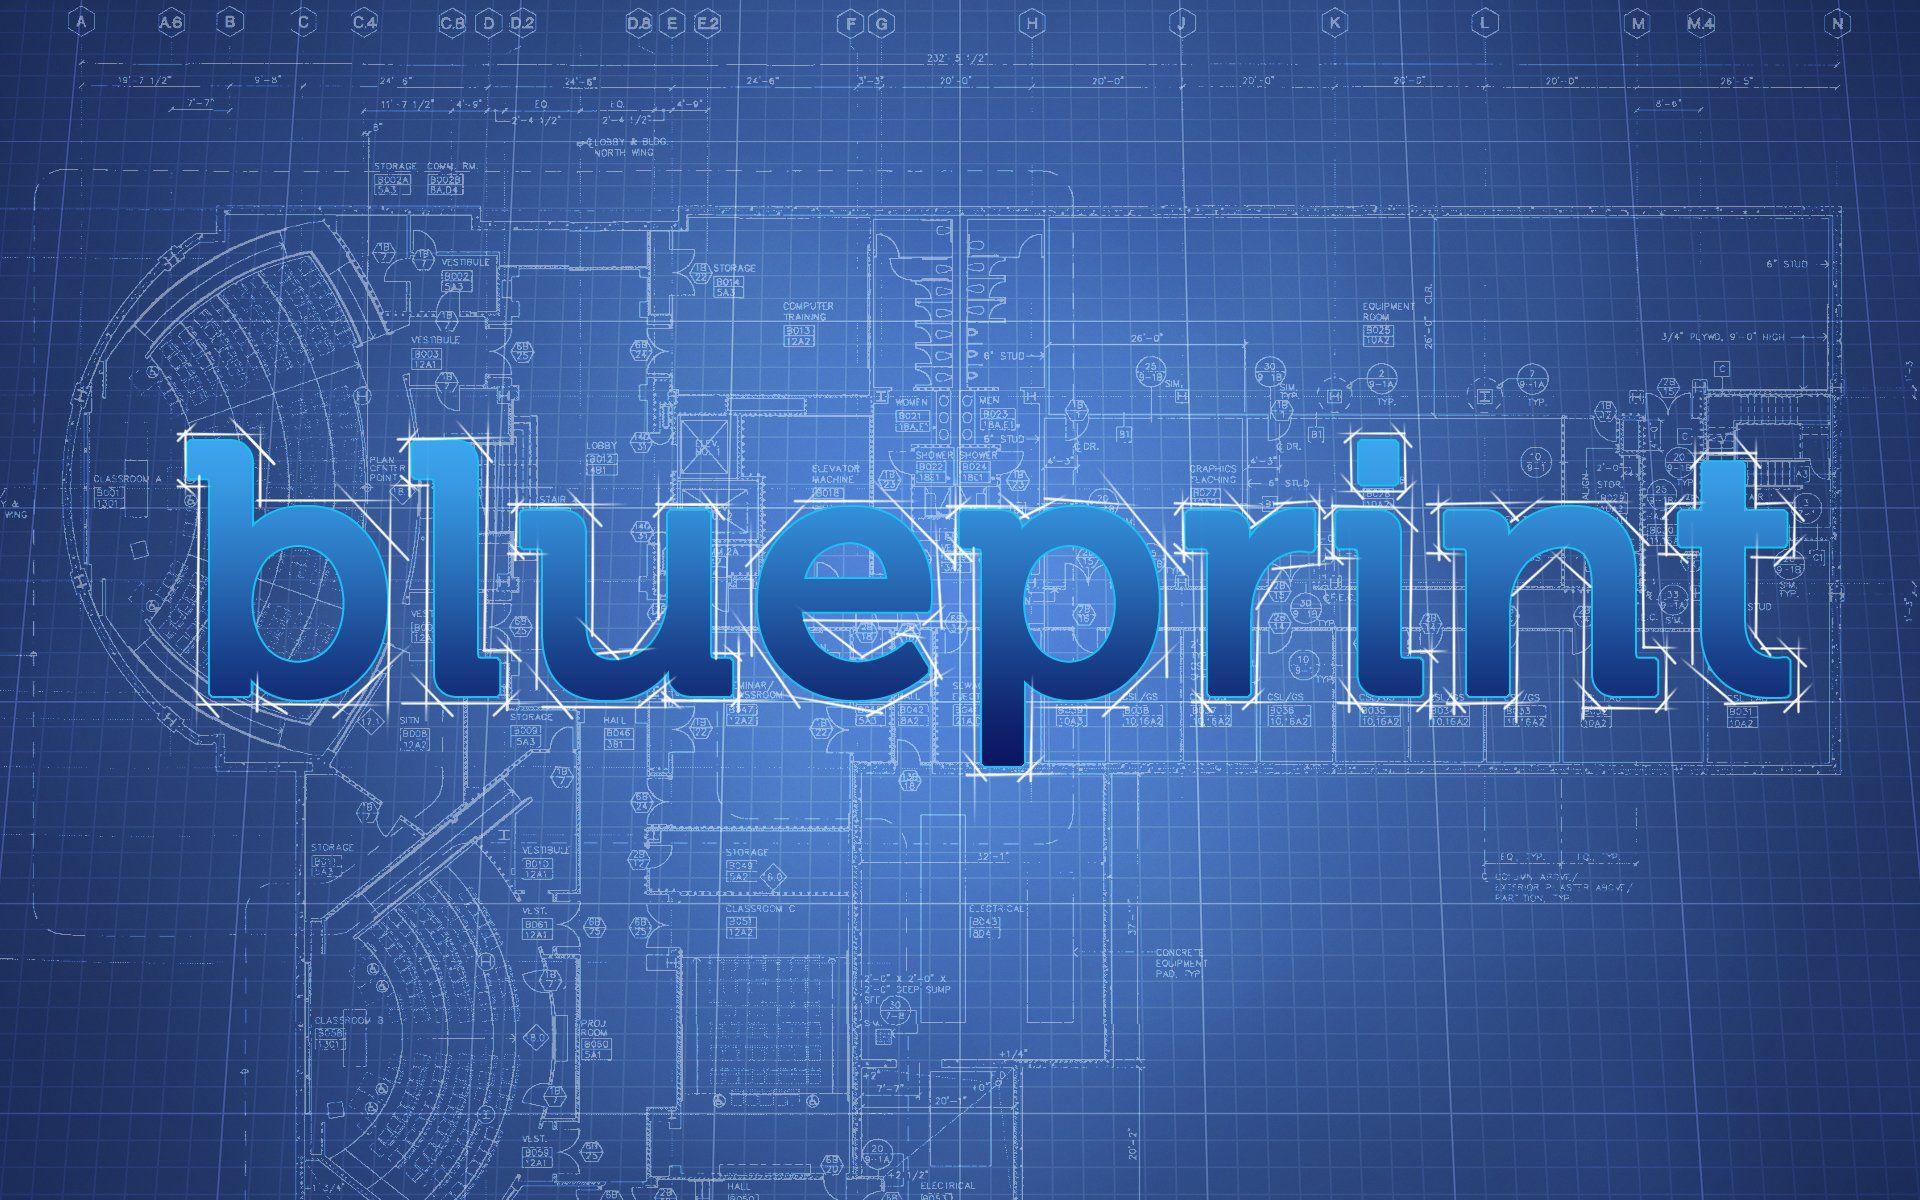 blueprint font wallpaper under construction sign